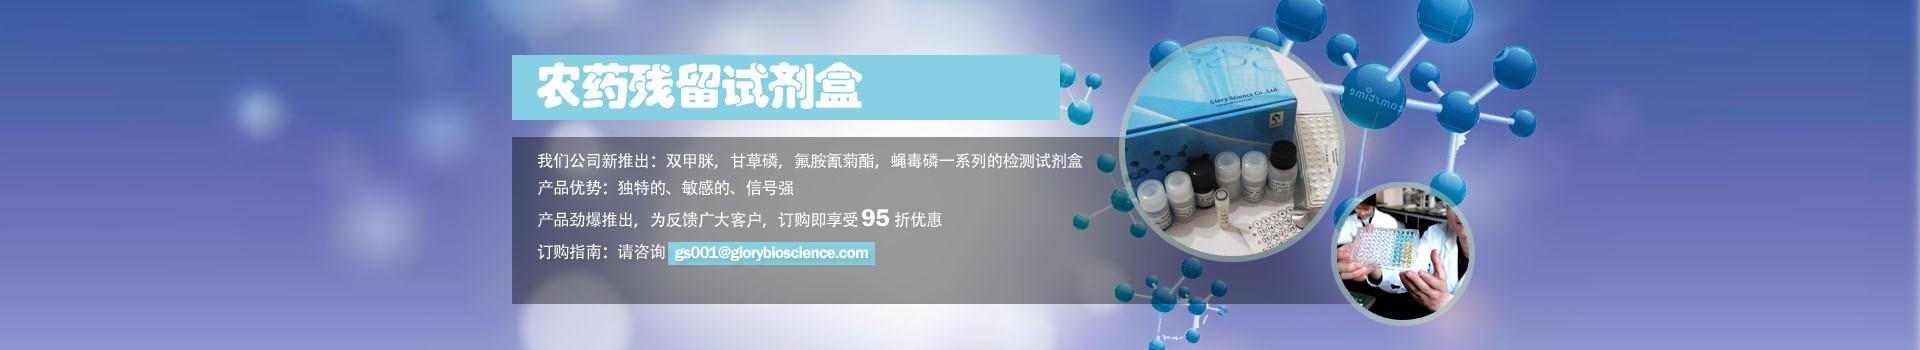 草甘膦检测农药检测